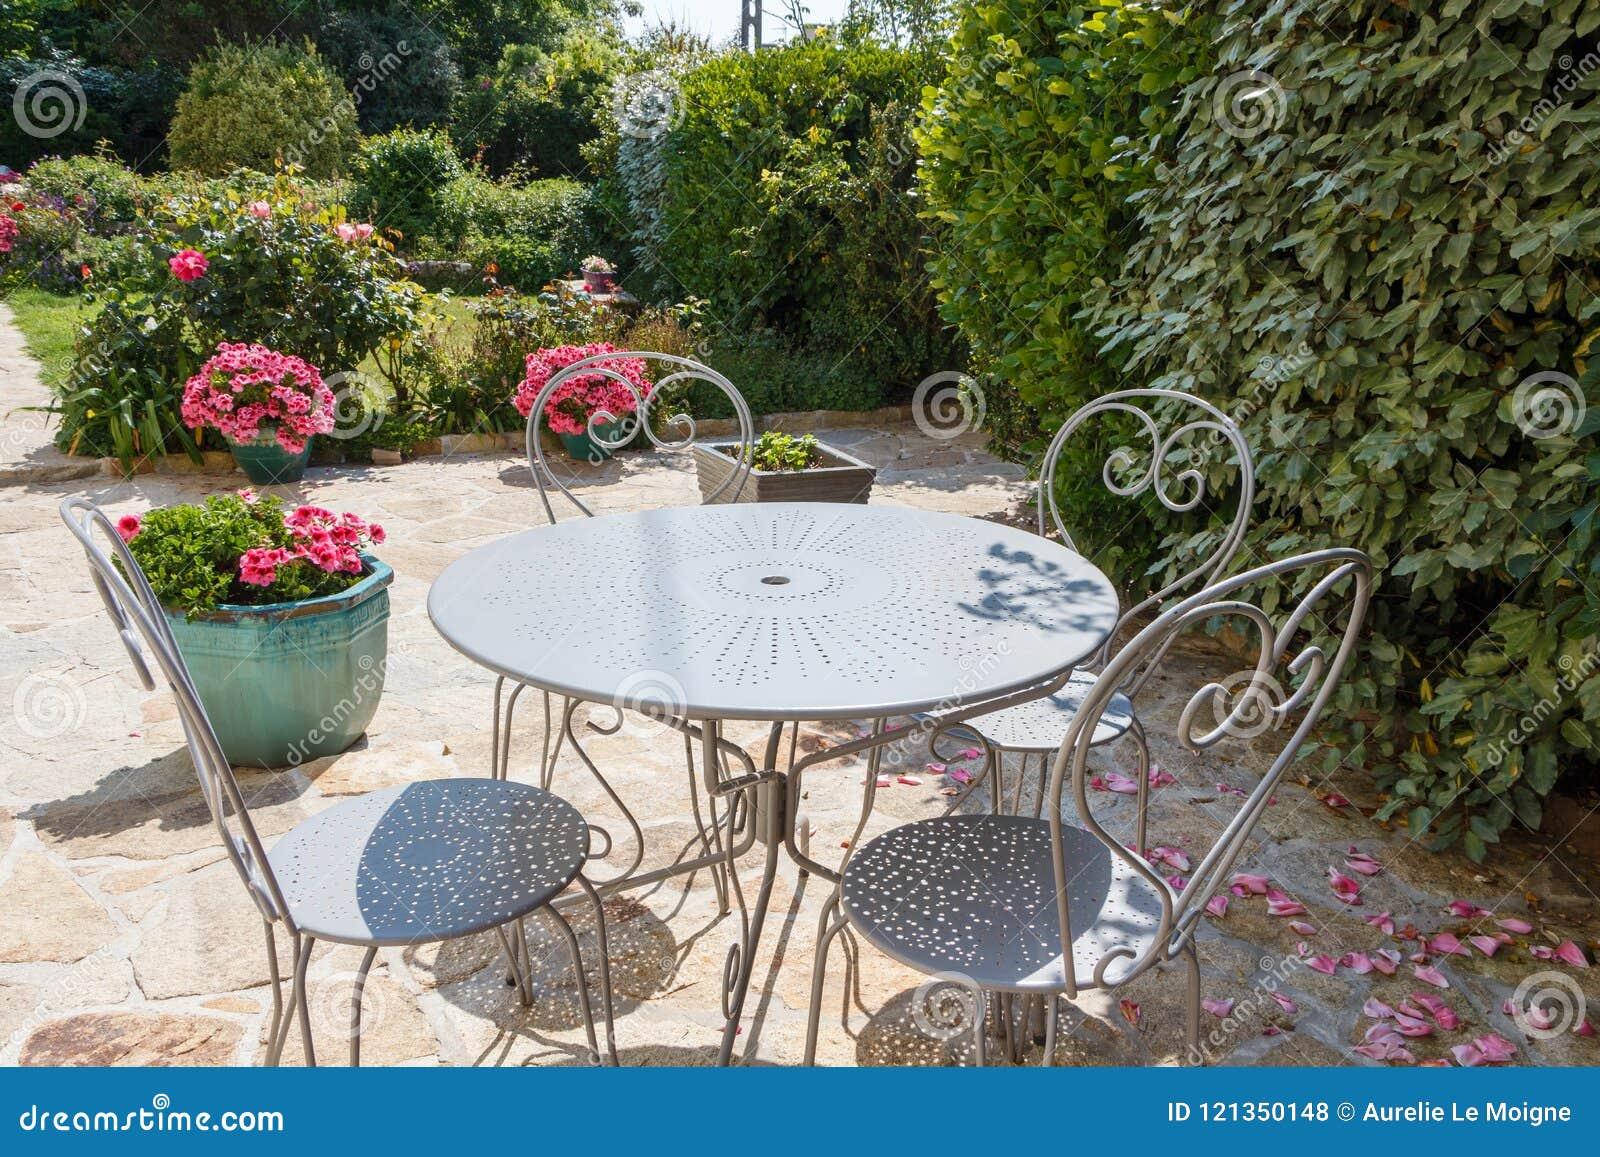 Jardin Sur Une Terrasse terrasse fleurie avec des meubles de jardin photo stock